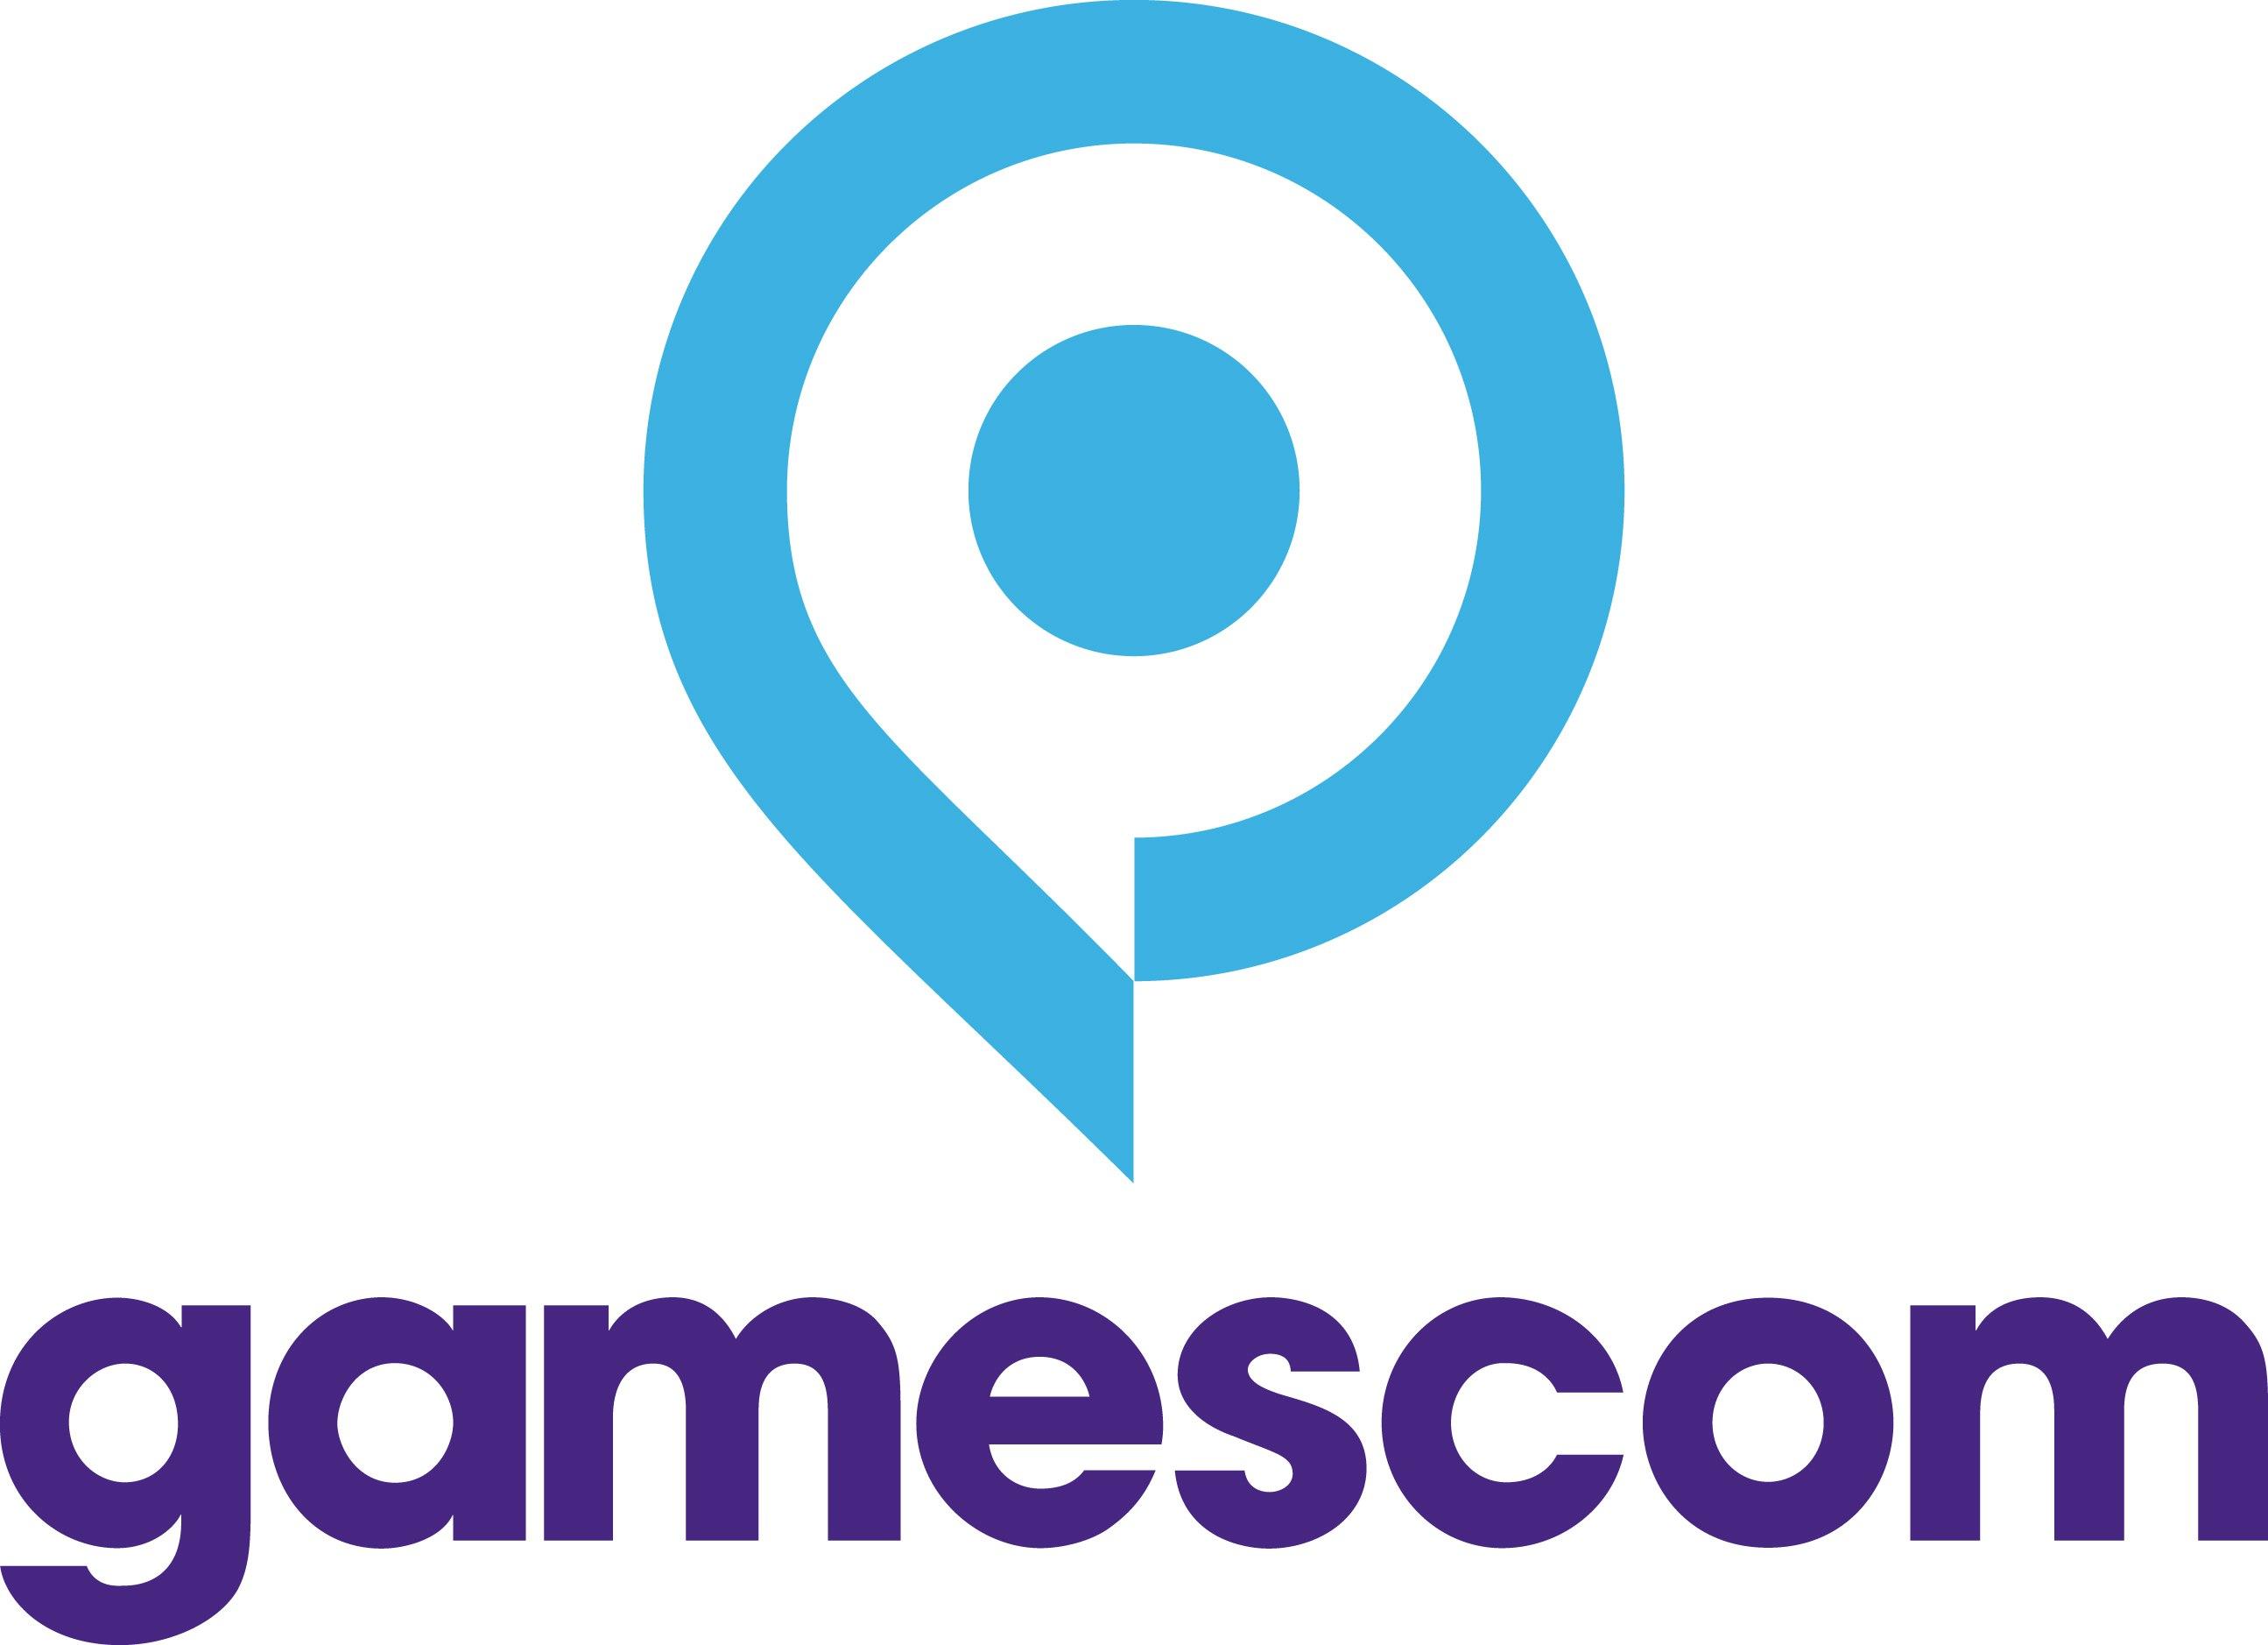 gamescom - photo #2